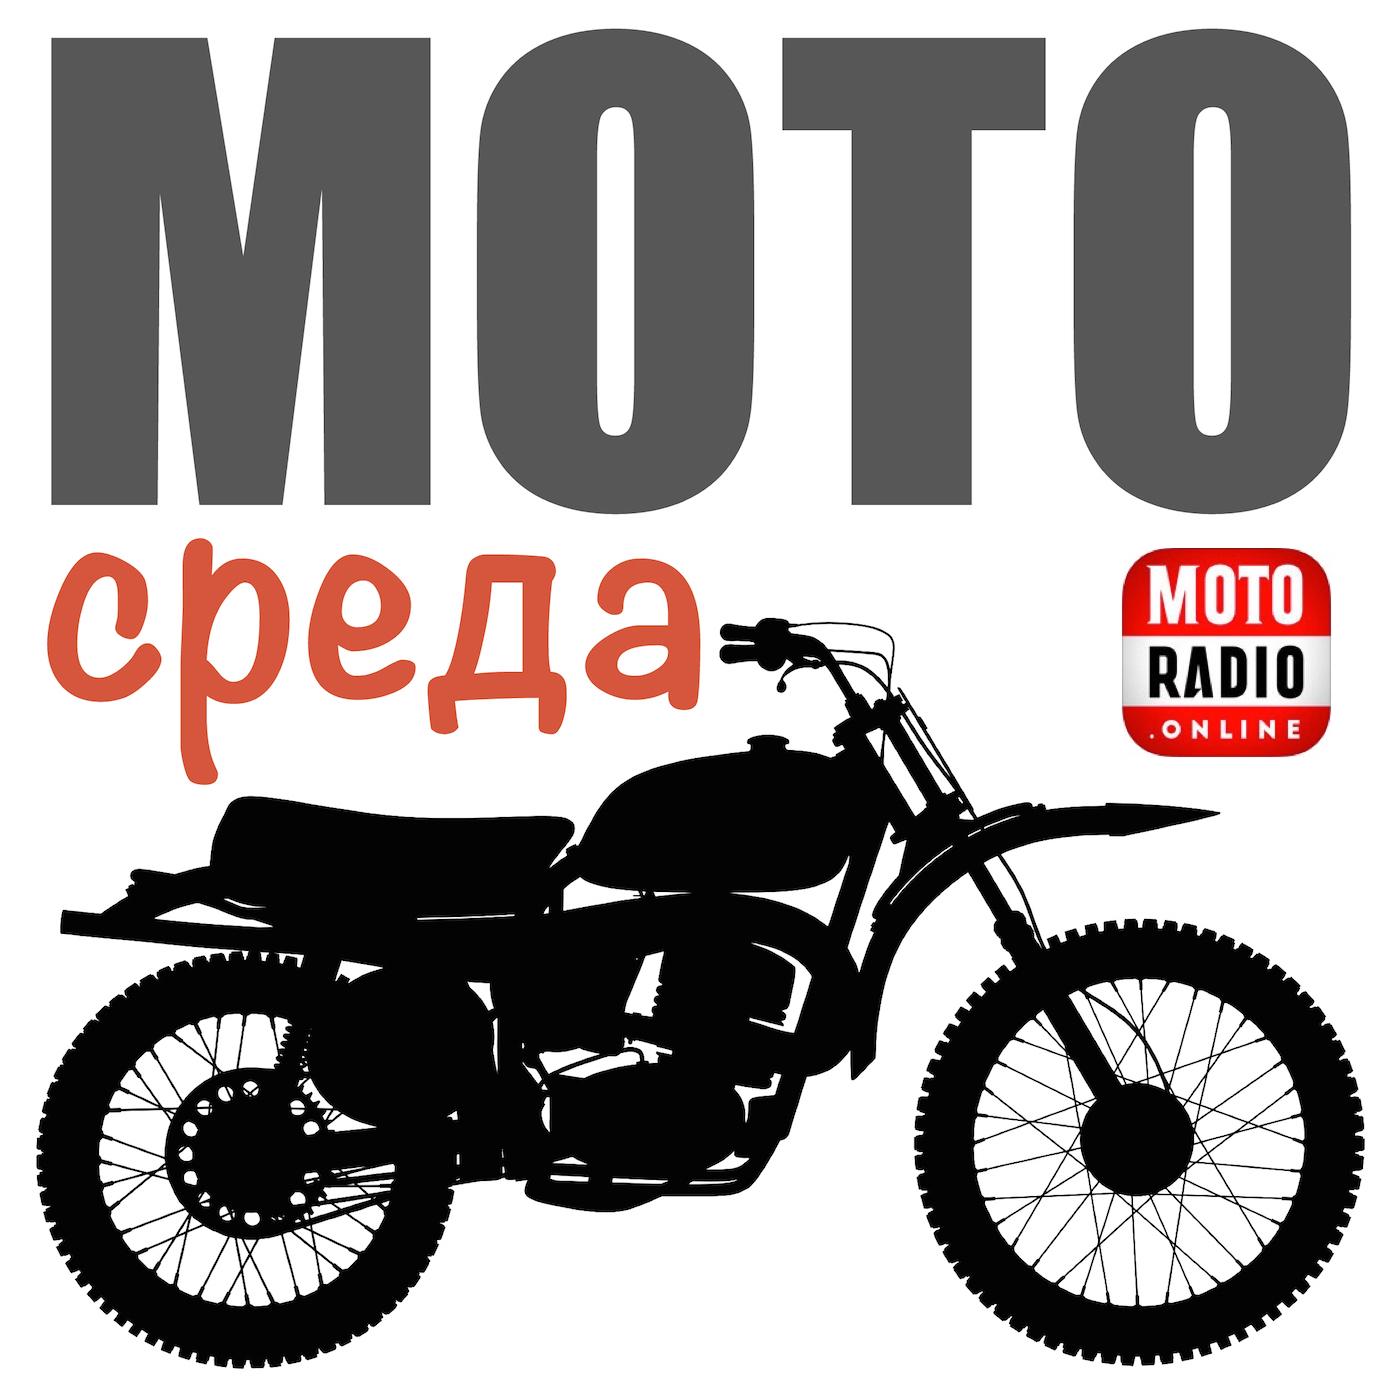 Взаимовыручка мотоциклистов: миф или реальность?